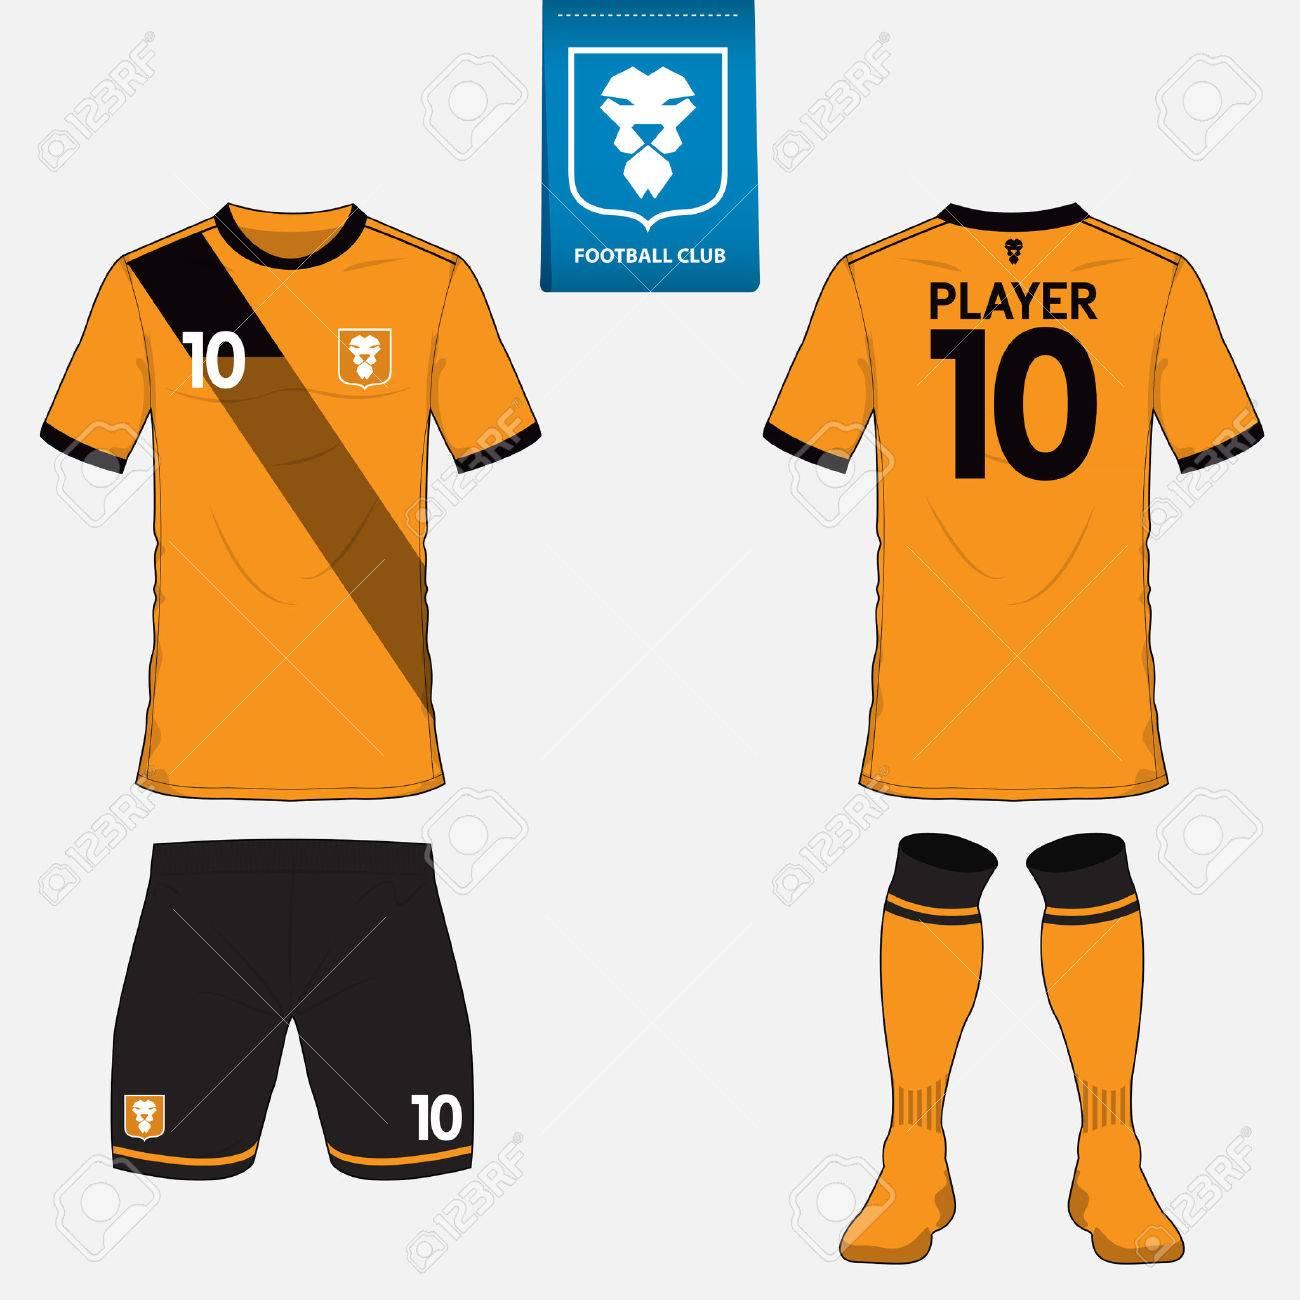 Conjunto de juego de fútbol o plantilla de camiseta de fútbol para el club  de fútbol 20fd8b35bc312